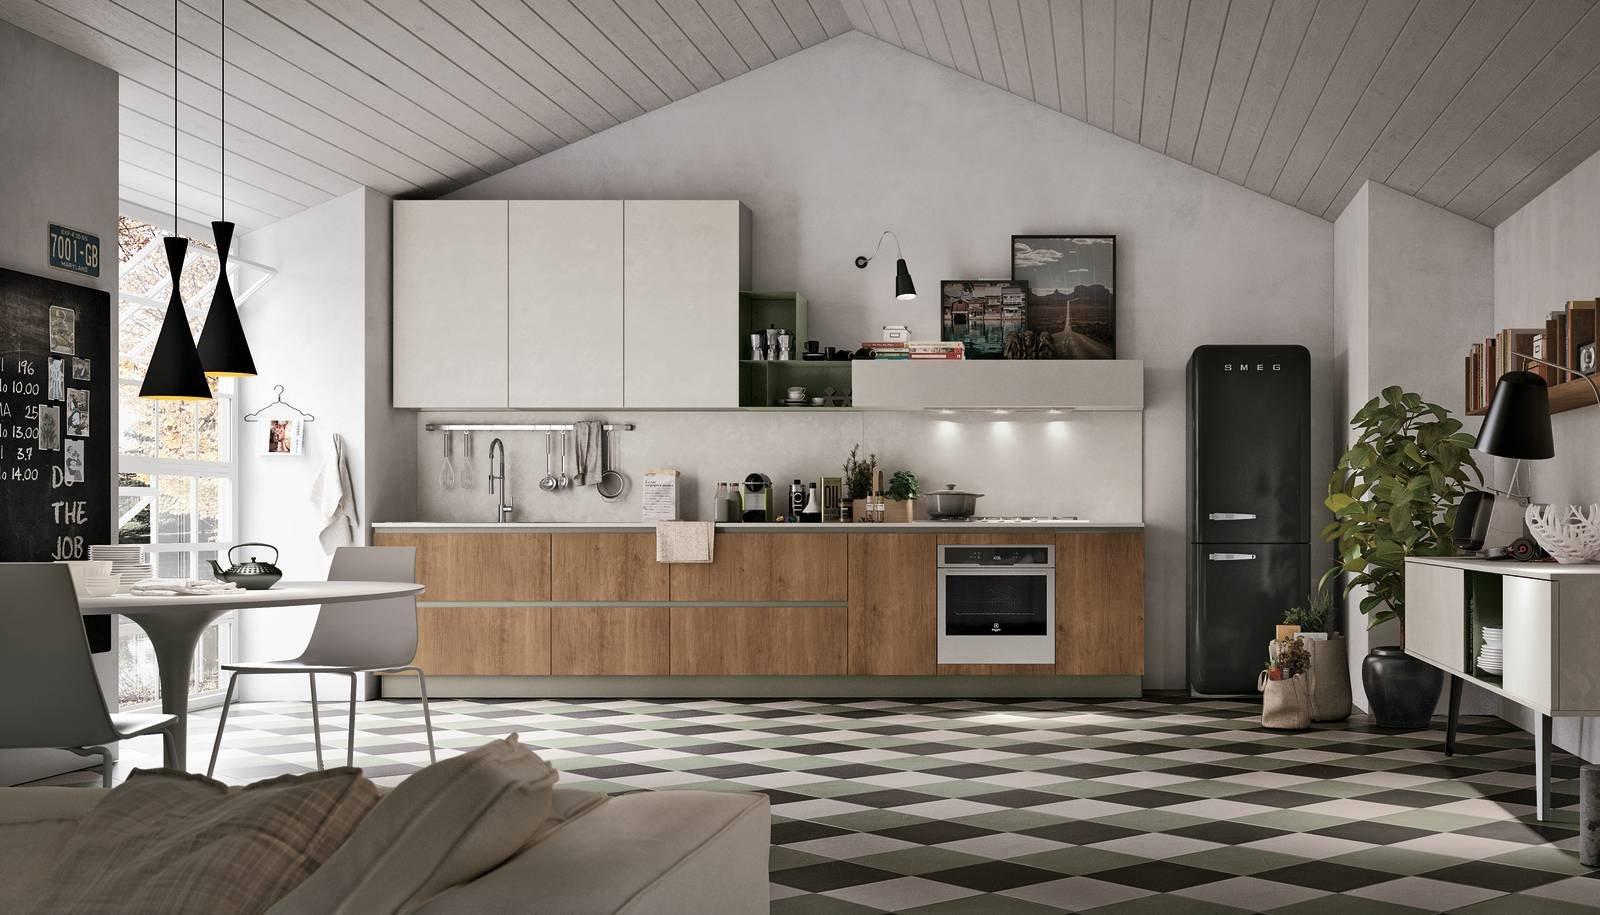 Cucine Stosa Prezzi 2018 cucine: qual è il legno più richiesto e venduto? - cose di casa